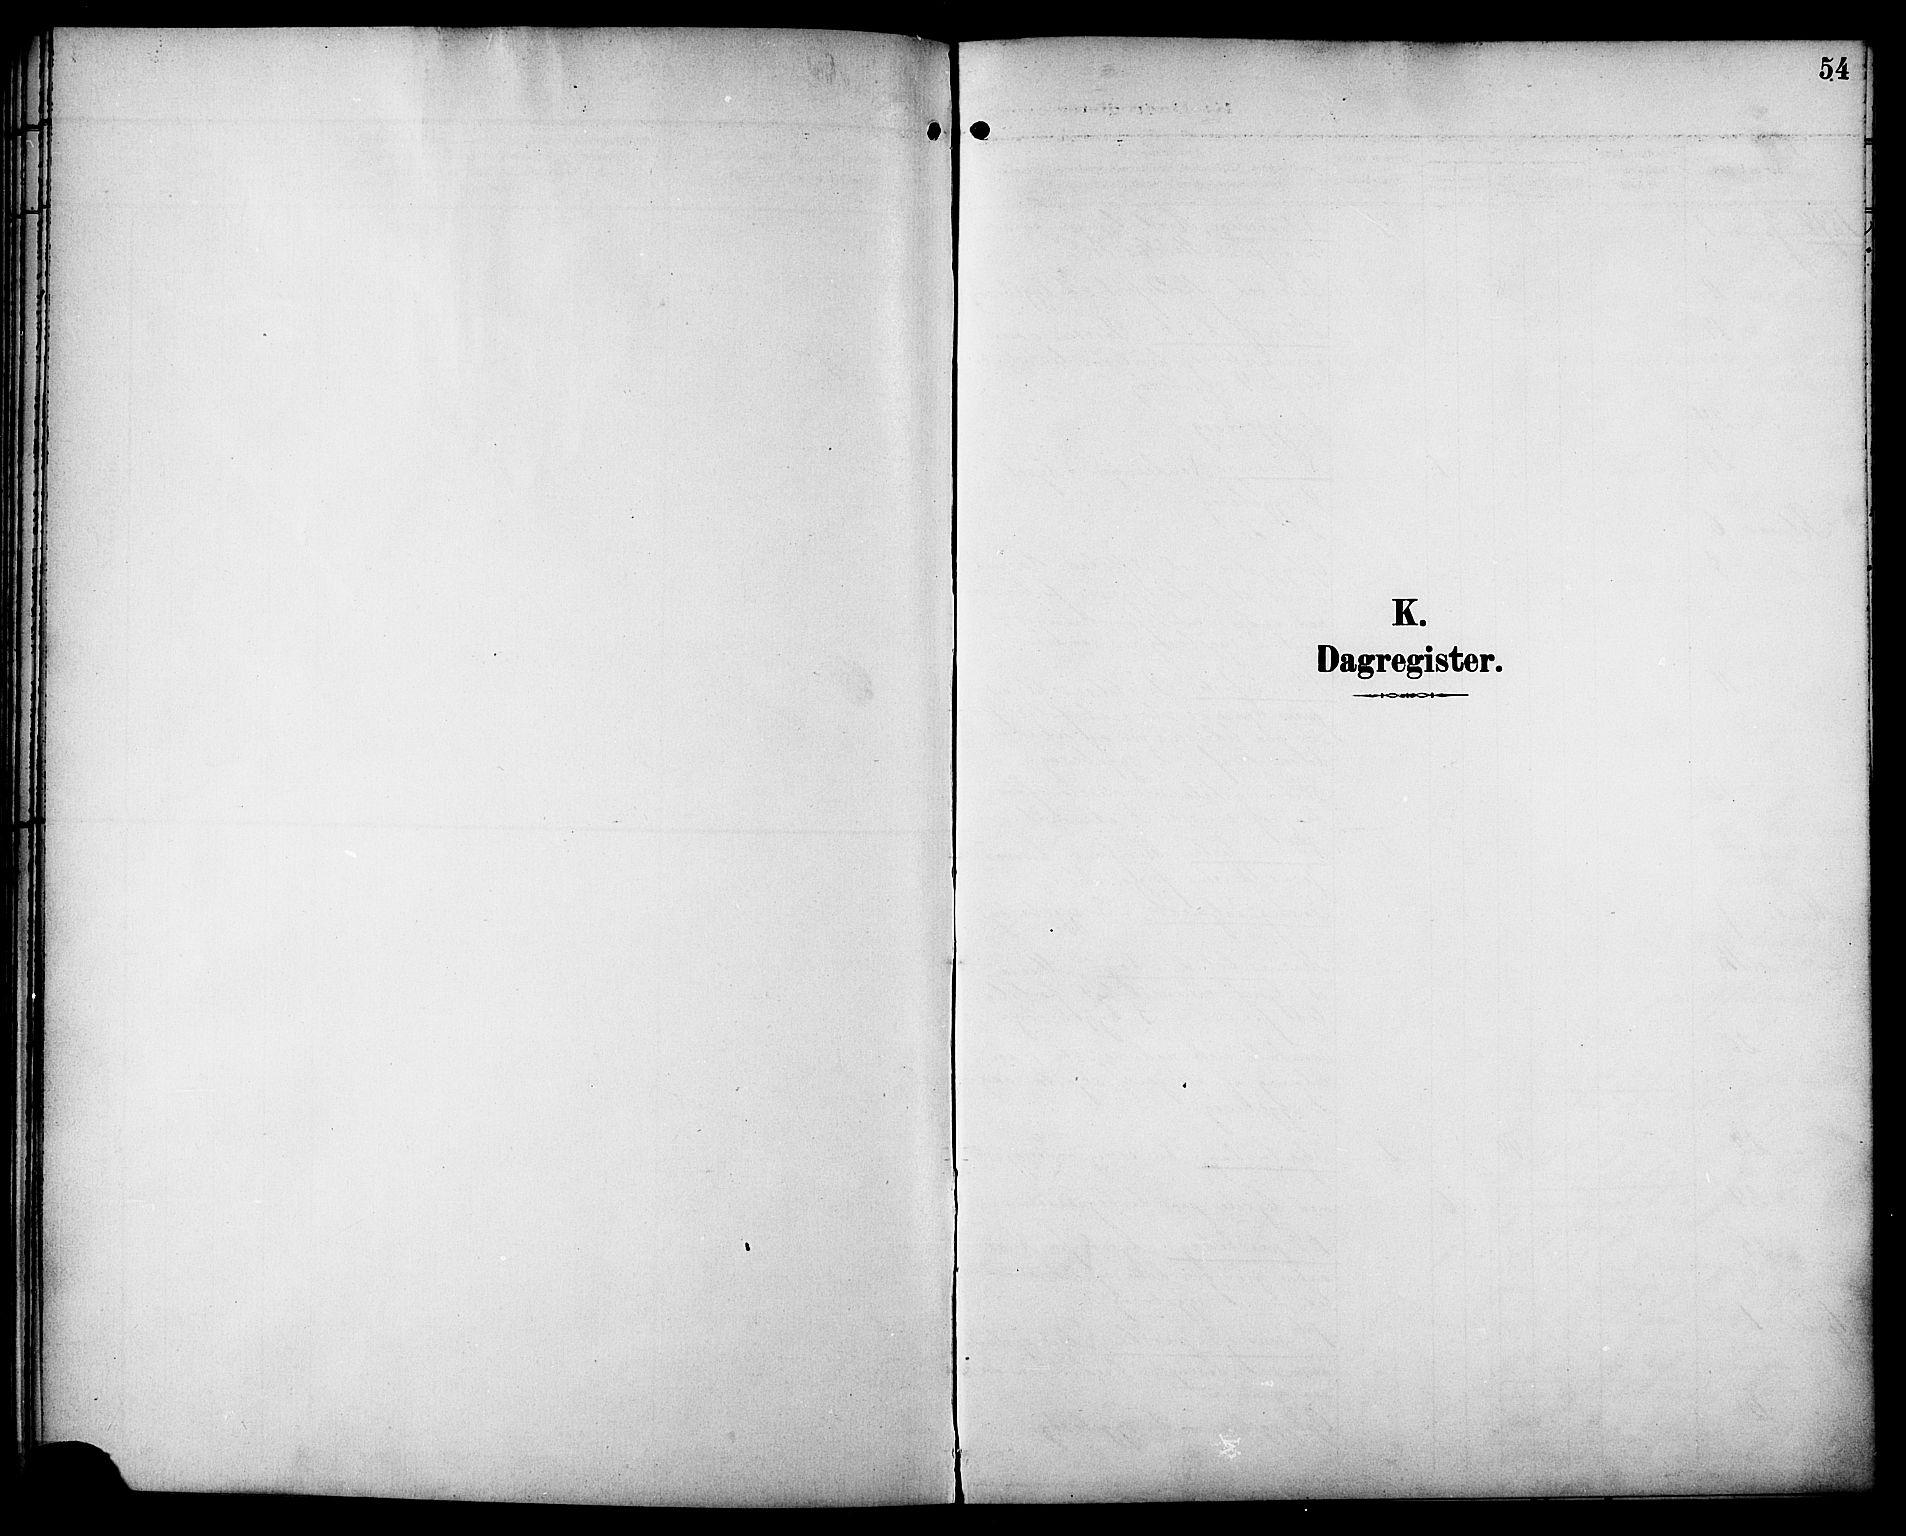 SAT, Ministerialprotokoller, klokkerbøker og fødselsregistre - Sør-Trøndelag, 629/L0486: Ministerialbok nr. 629A02, 1894-1919, s. 54